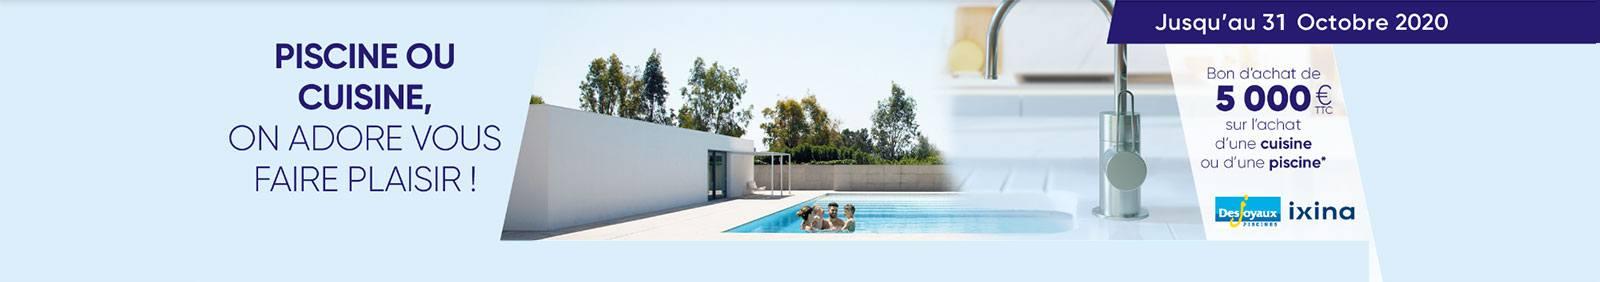 Jusqu'au 31 octobre, 5 000 € de bons d'achats sur l'achat d'une cuisine ou une piscine